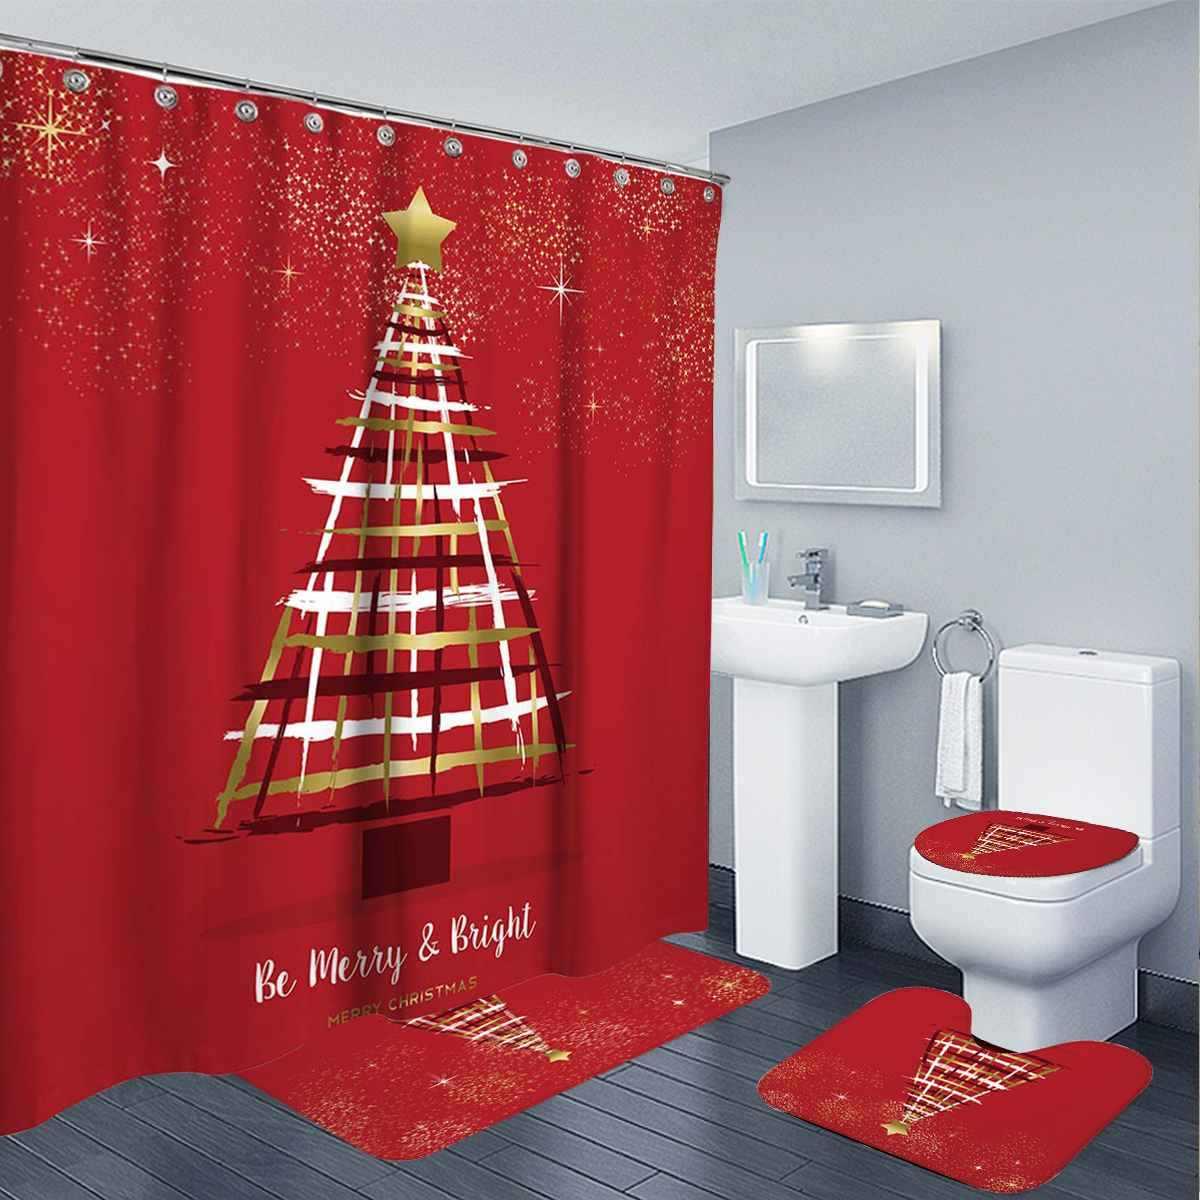 Snowman zasłona prysznicowa z nadrukiem Christmas Deer zasłona prysznicowa pokrowiec na toaletę dywanik kąpielowy Cover Home dekoracje na boże narodzenie